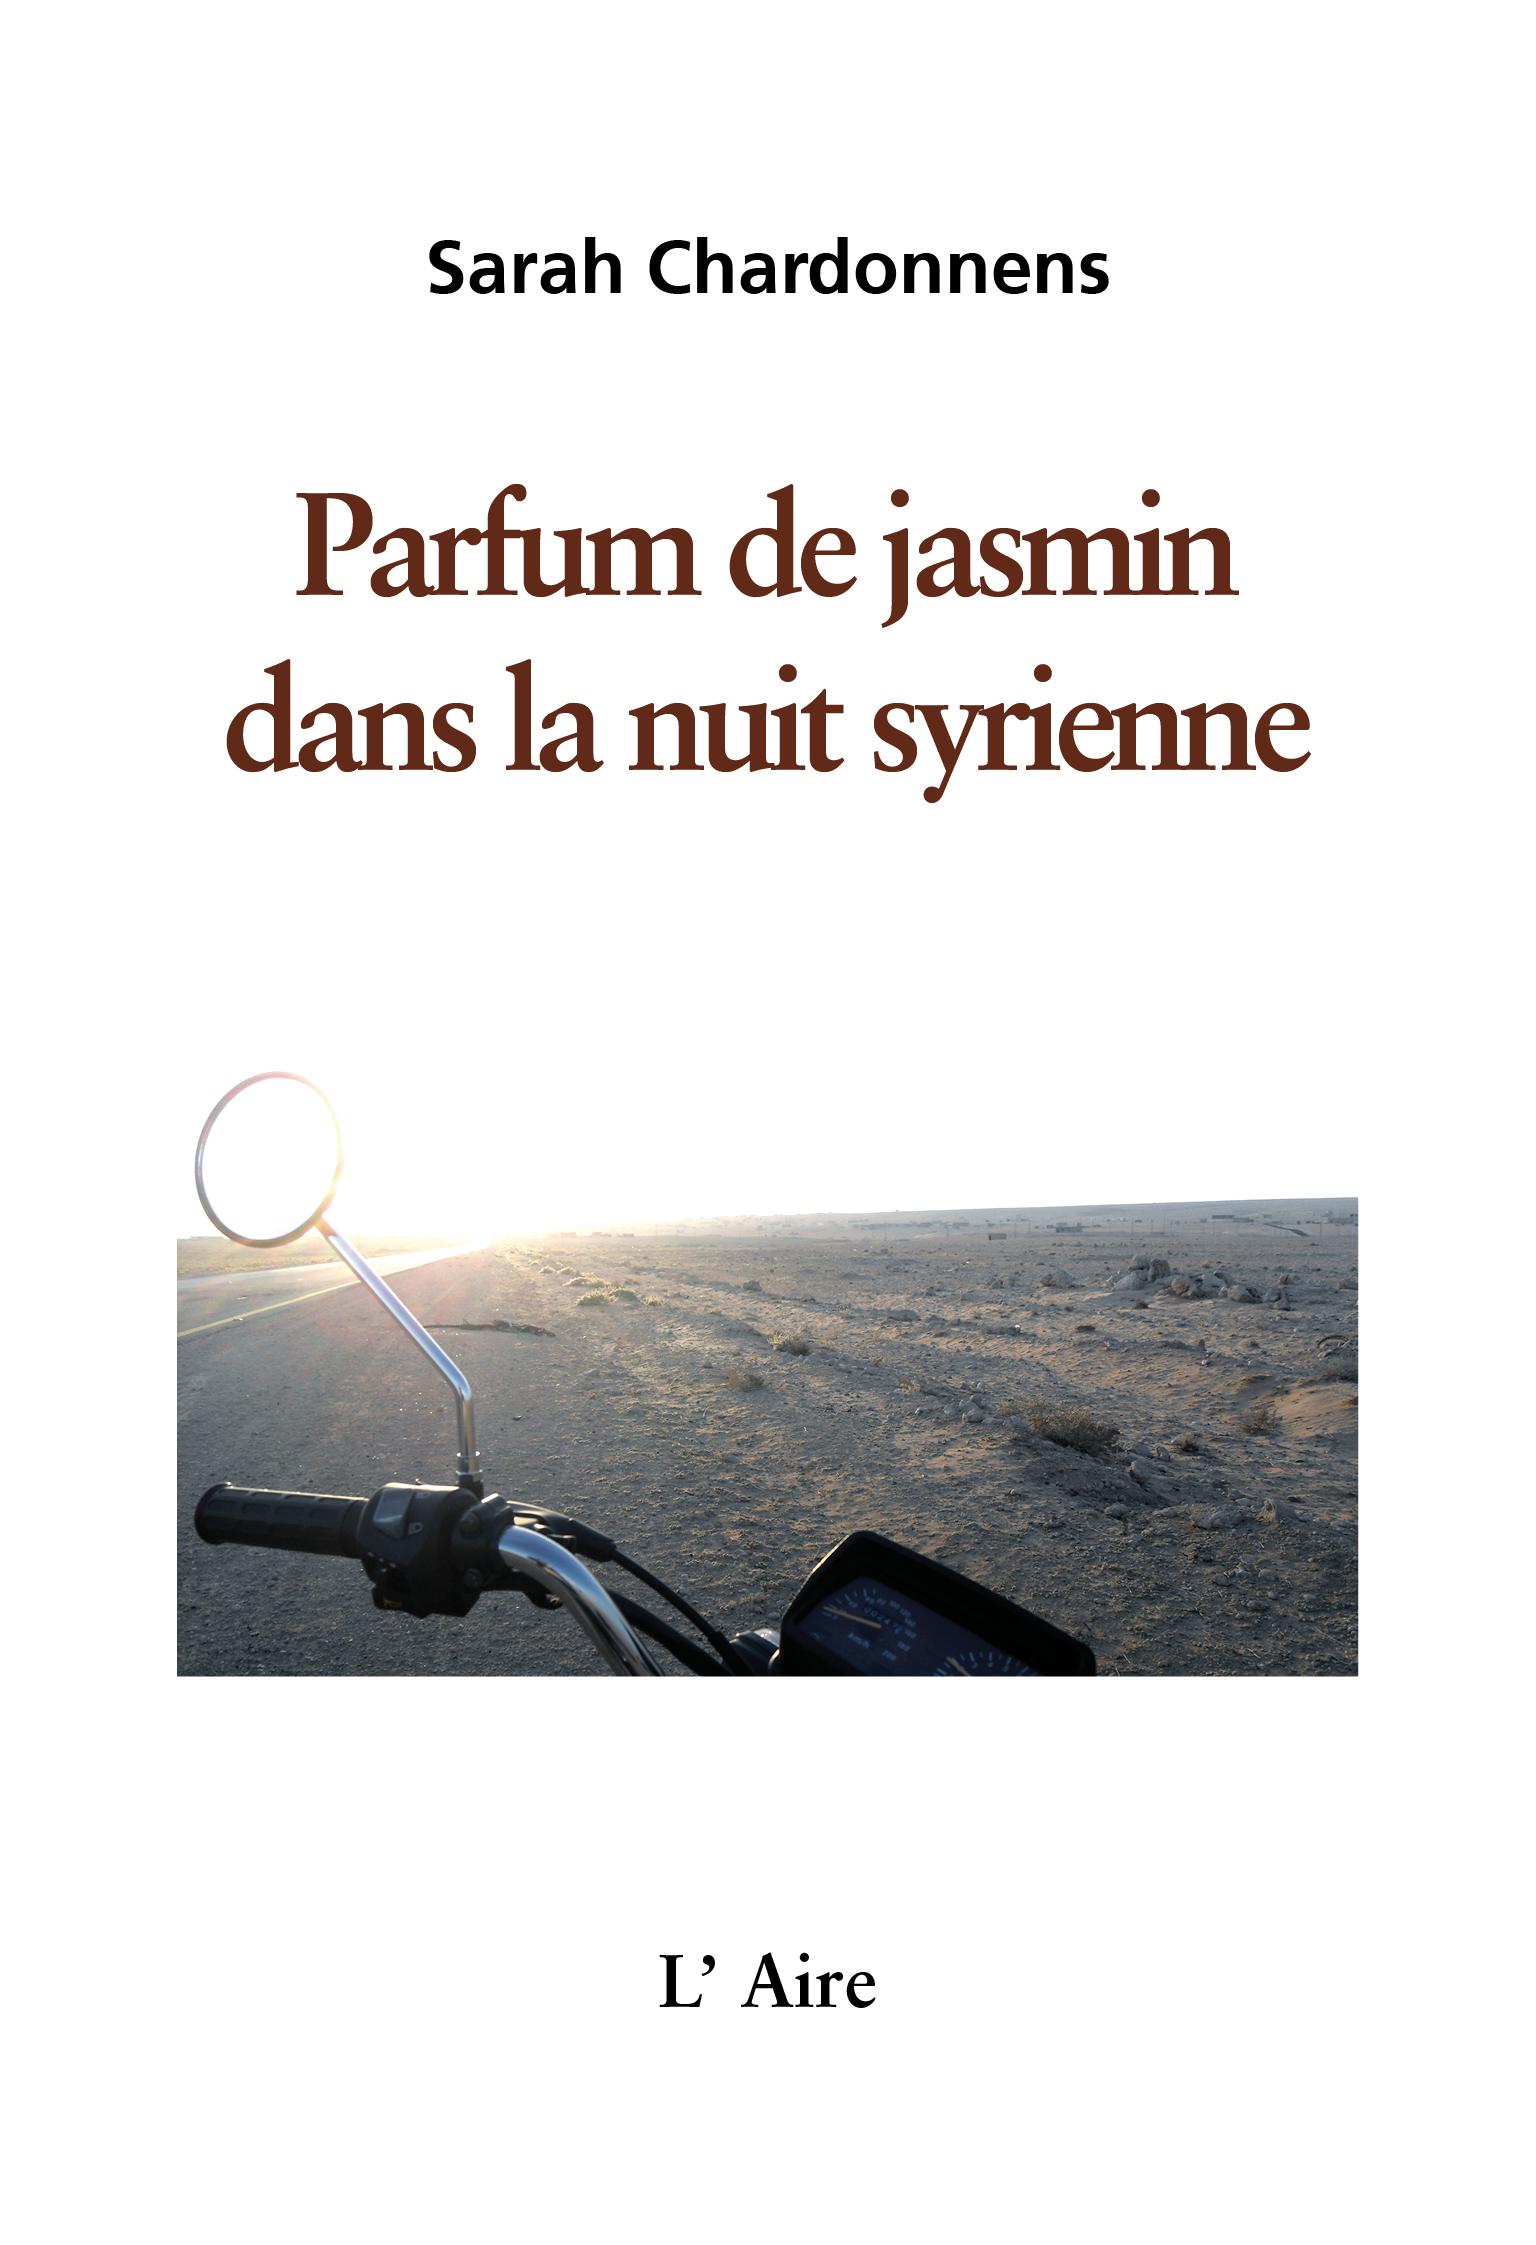 Parfum de jasmin dans la nuit syrienne